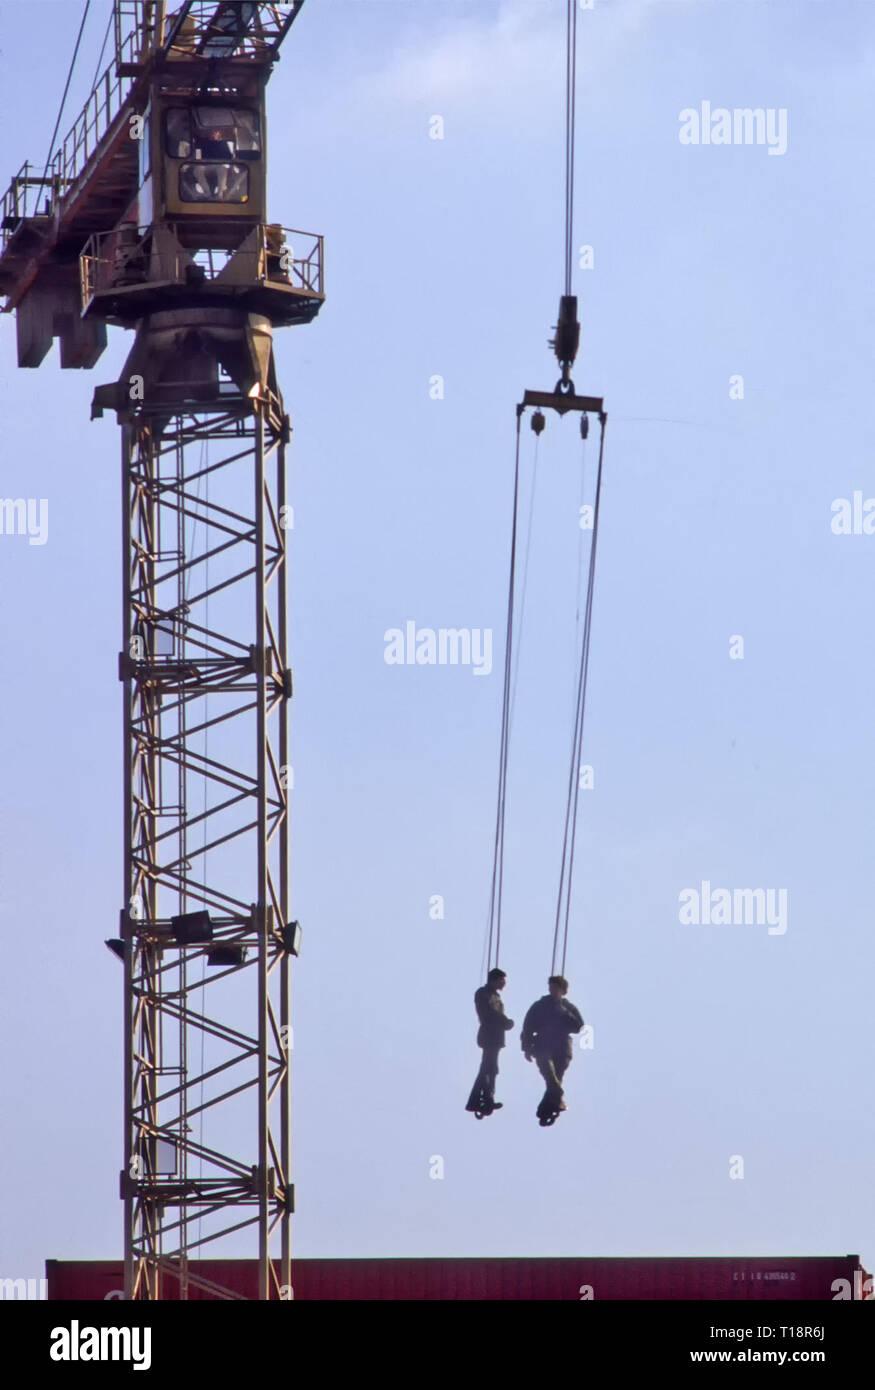 Archives des deux hommes dans le faisceau des travailleurs suspendus et abaissé par grue sur les contenants d'expédition en depot et brancher le câble de levage est de Londres Angleterre Royaume-uni Photo Stock